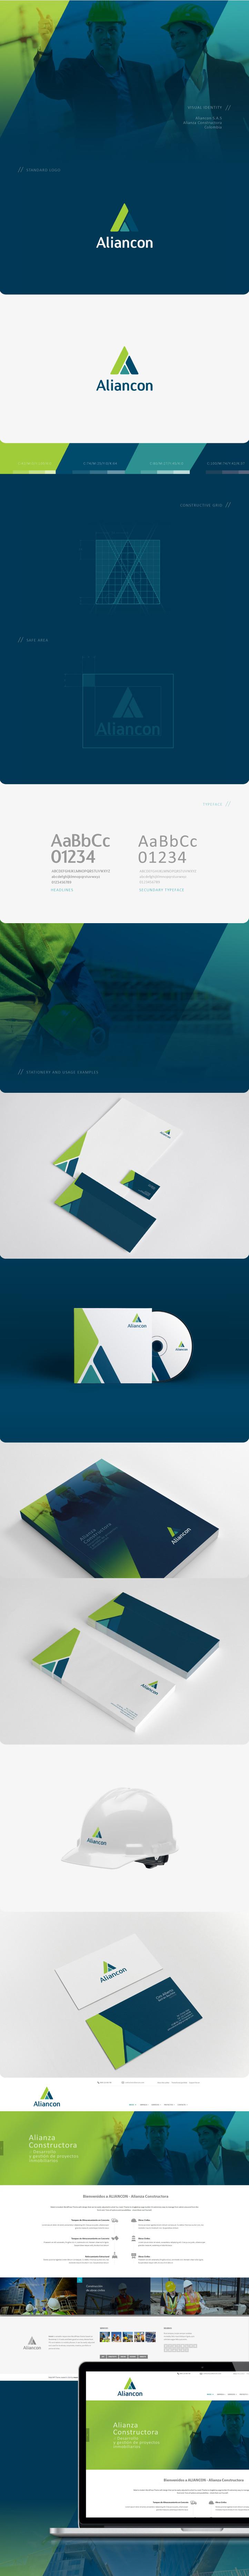 Identidad de Marca para empresas constructoras - Aliancon SAS por Oven Design